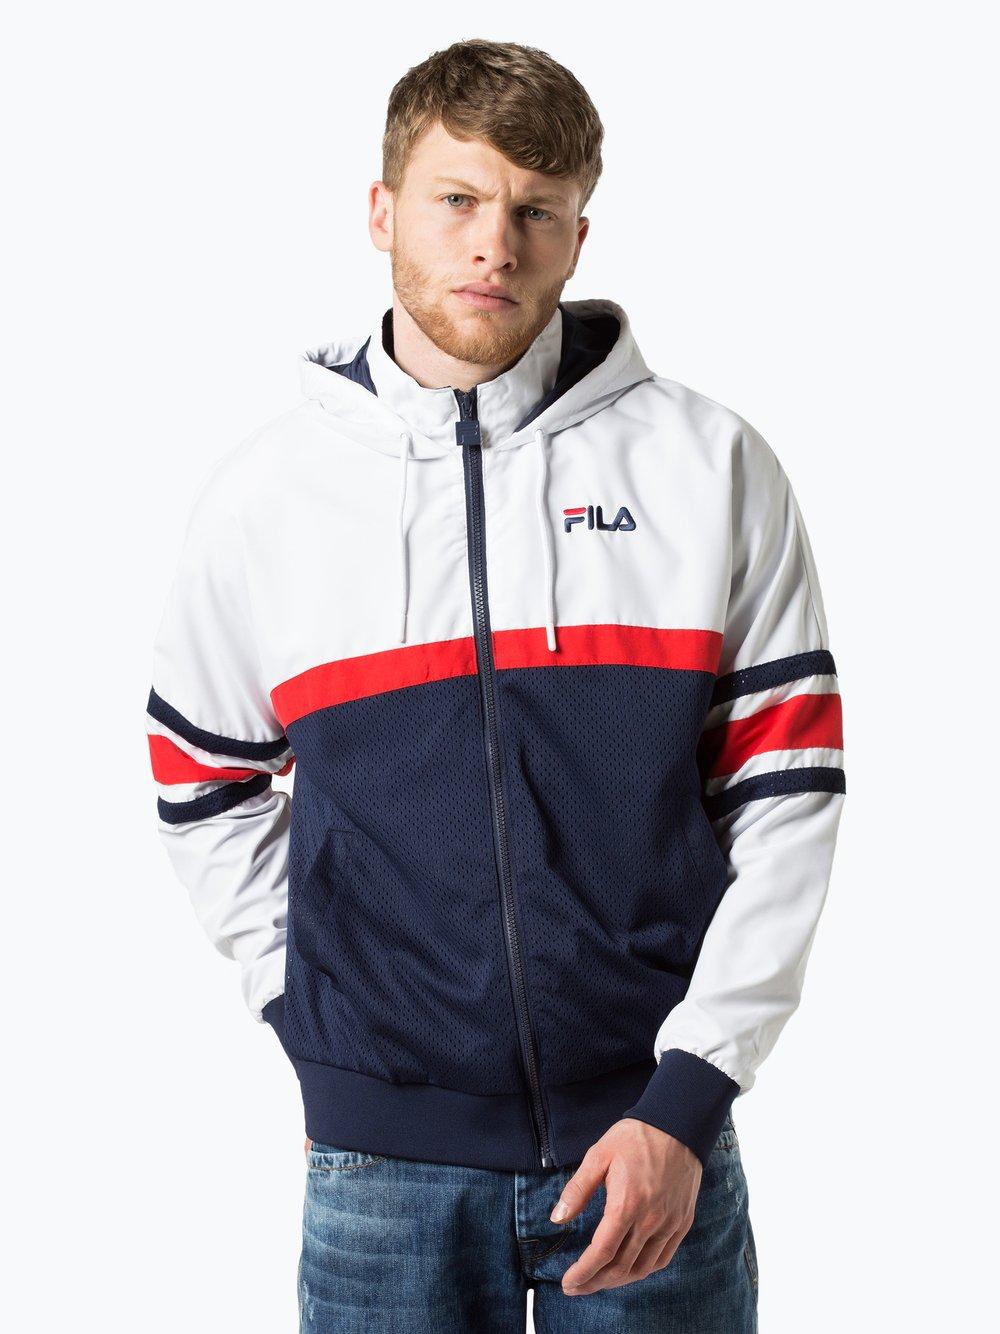 FILA Herren Jacke - Vendor online kaufen | PEEK-UND-CLOPPENBURG.DE